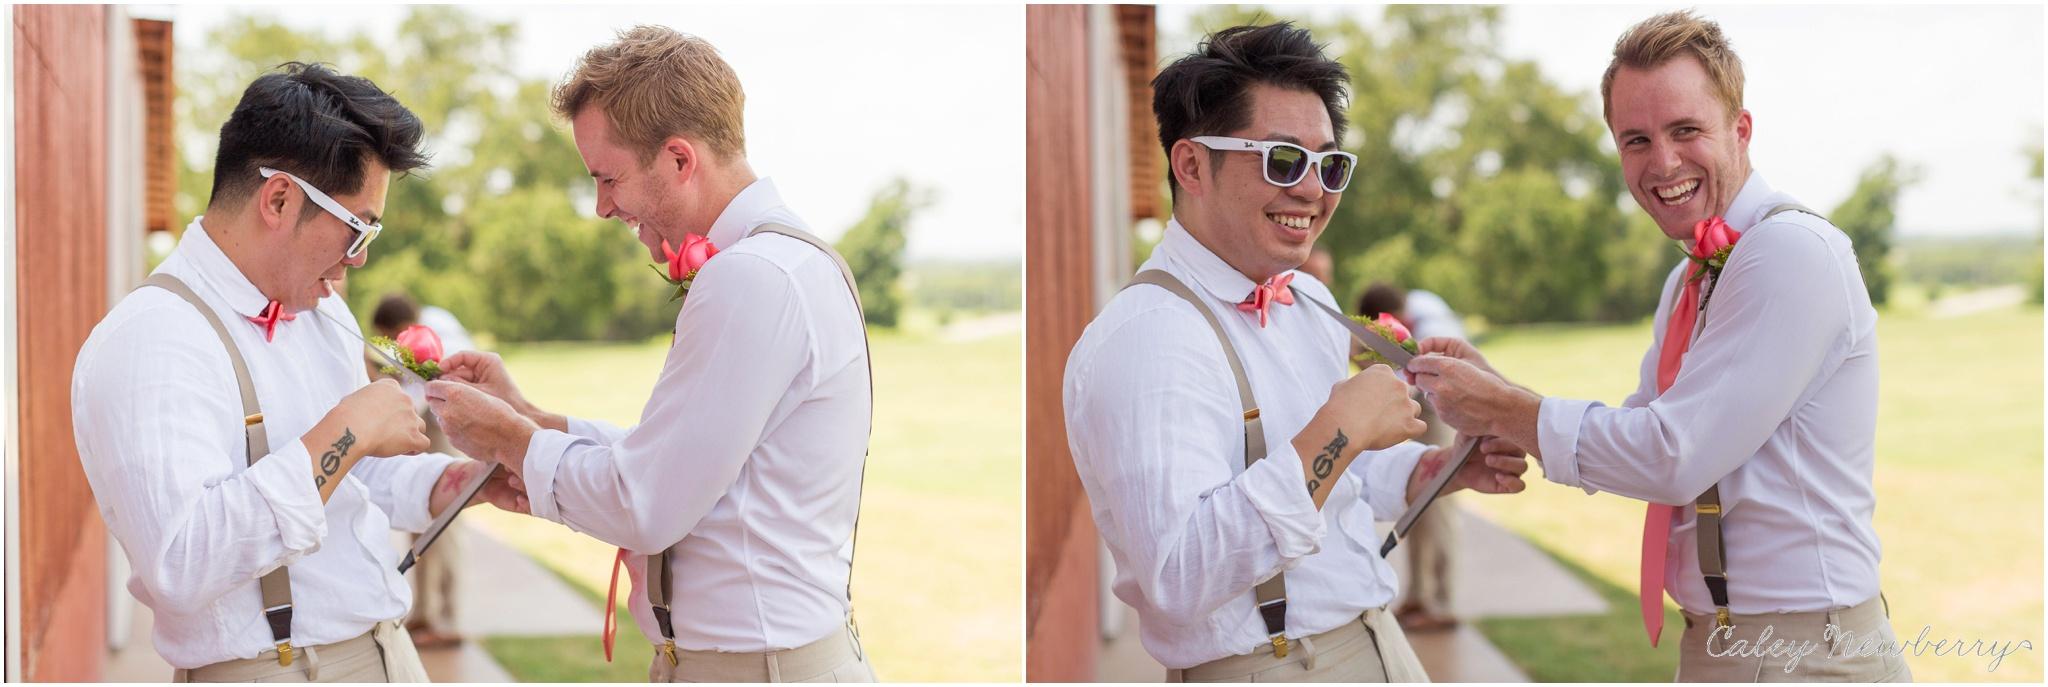 groomsmen-boutineer-suspenders.jpg